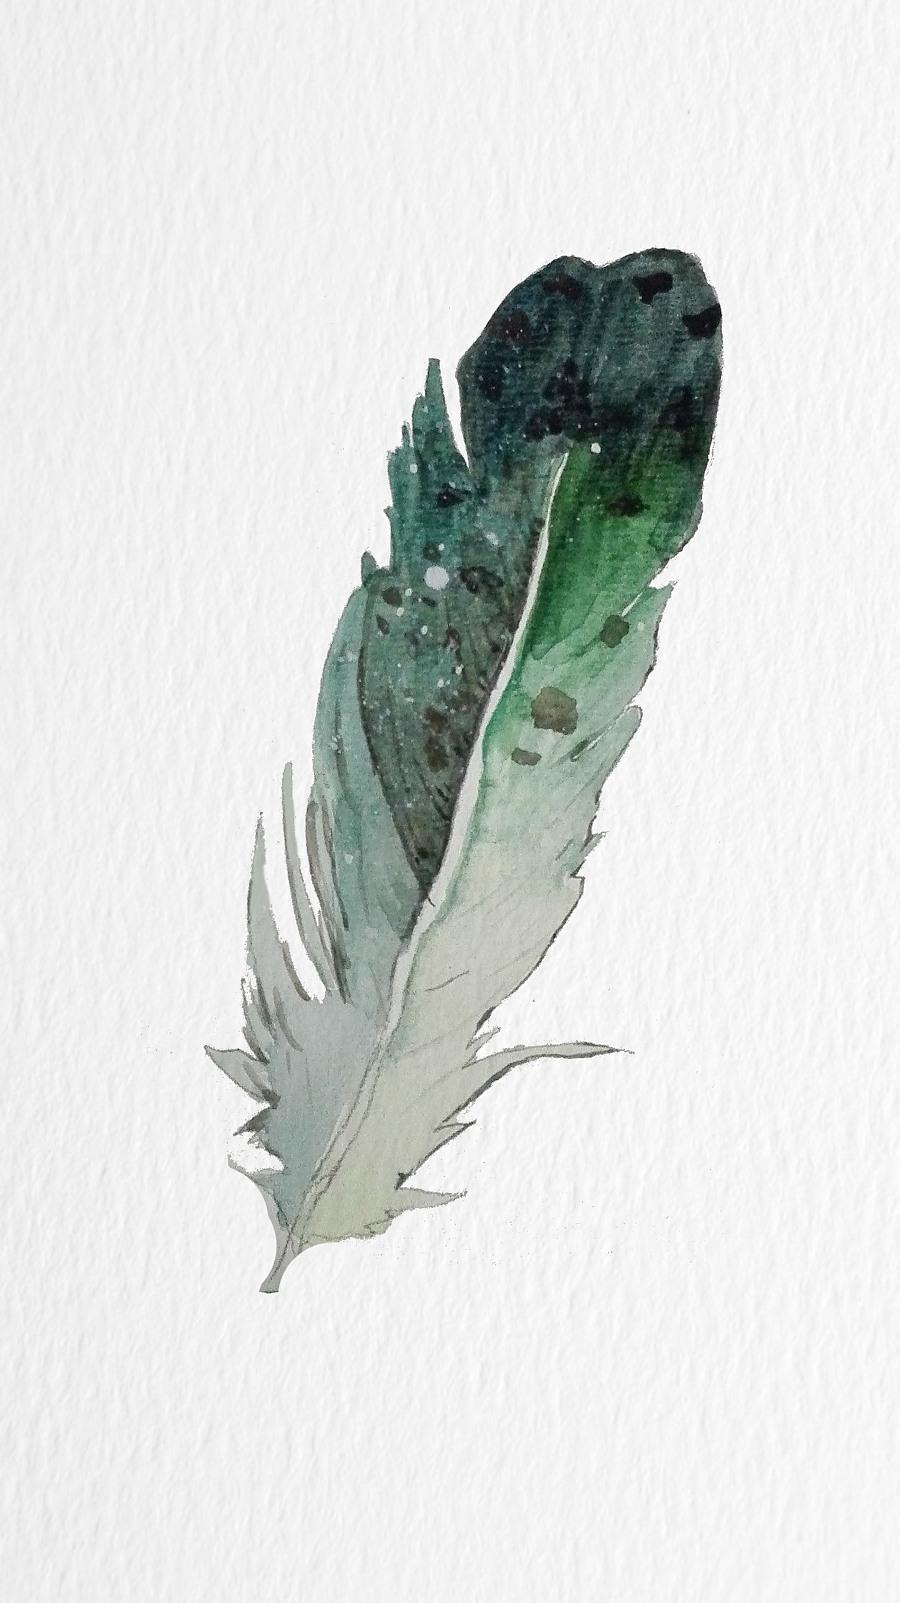 原创作品:手绘羽毛